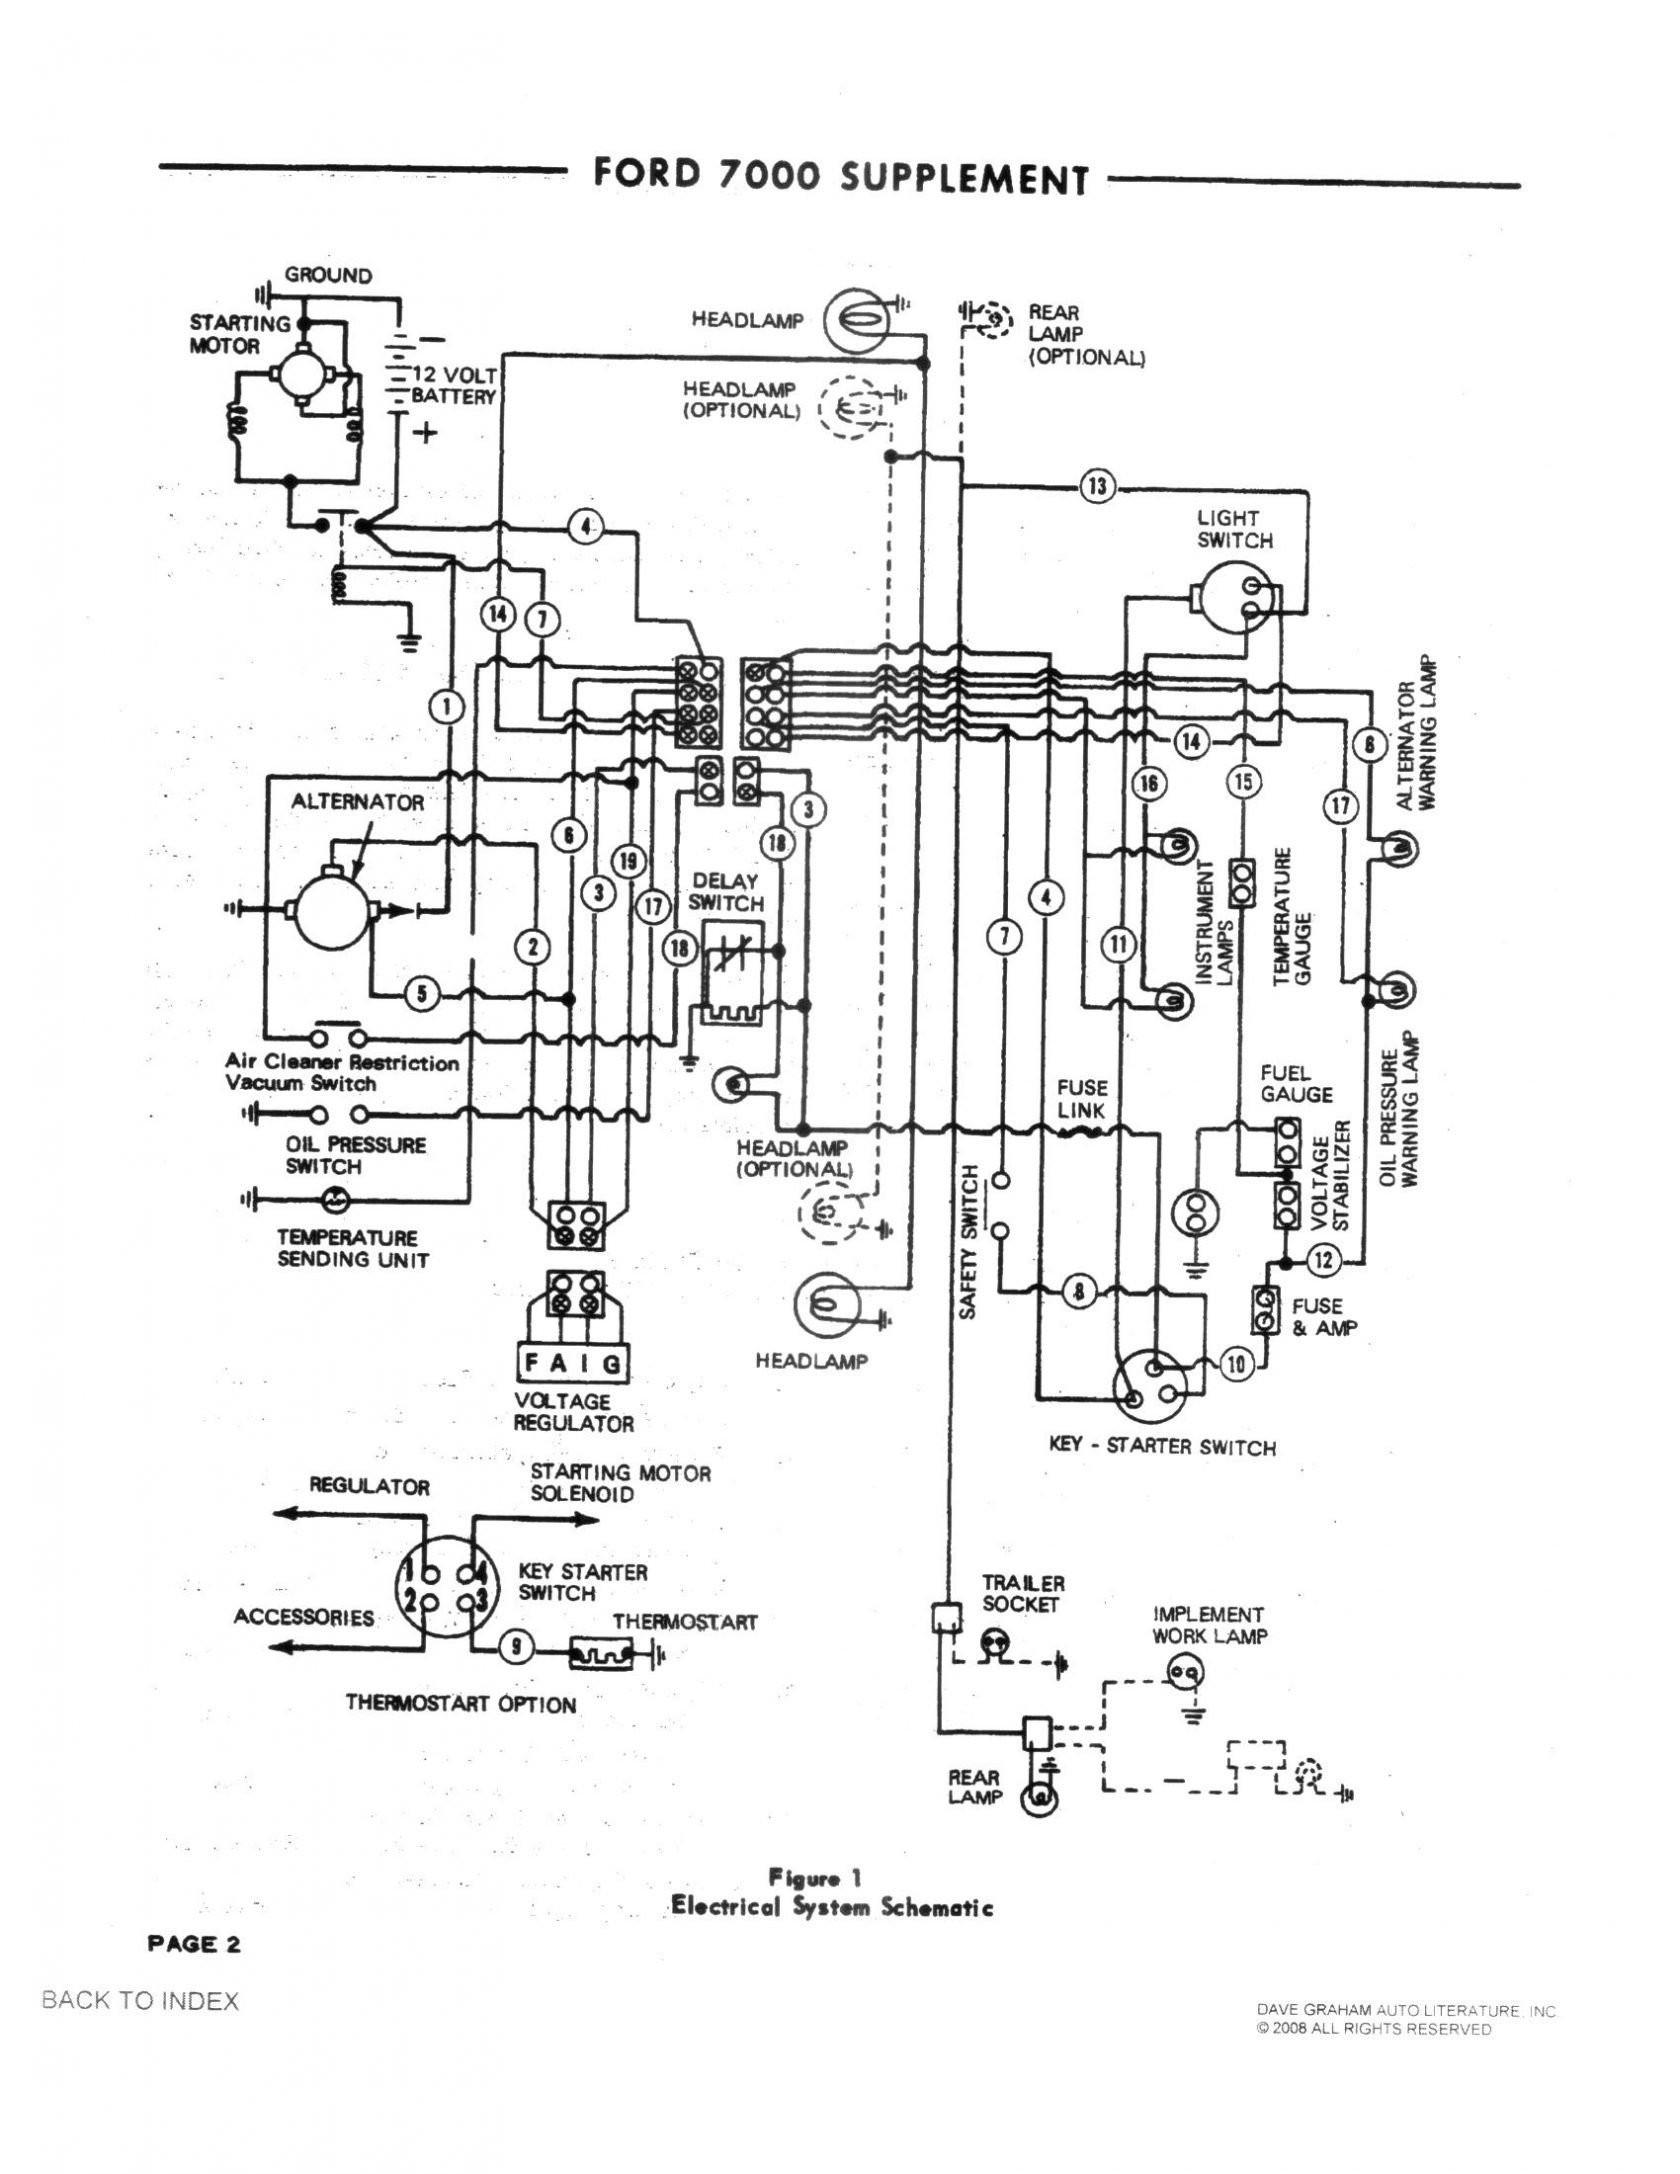 Kubota Ignition Switch Wiring Diagram Awesome Ic Alternator Best - Kubota Ignition Switch Wiring Diagram